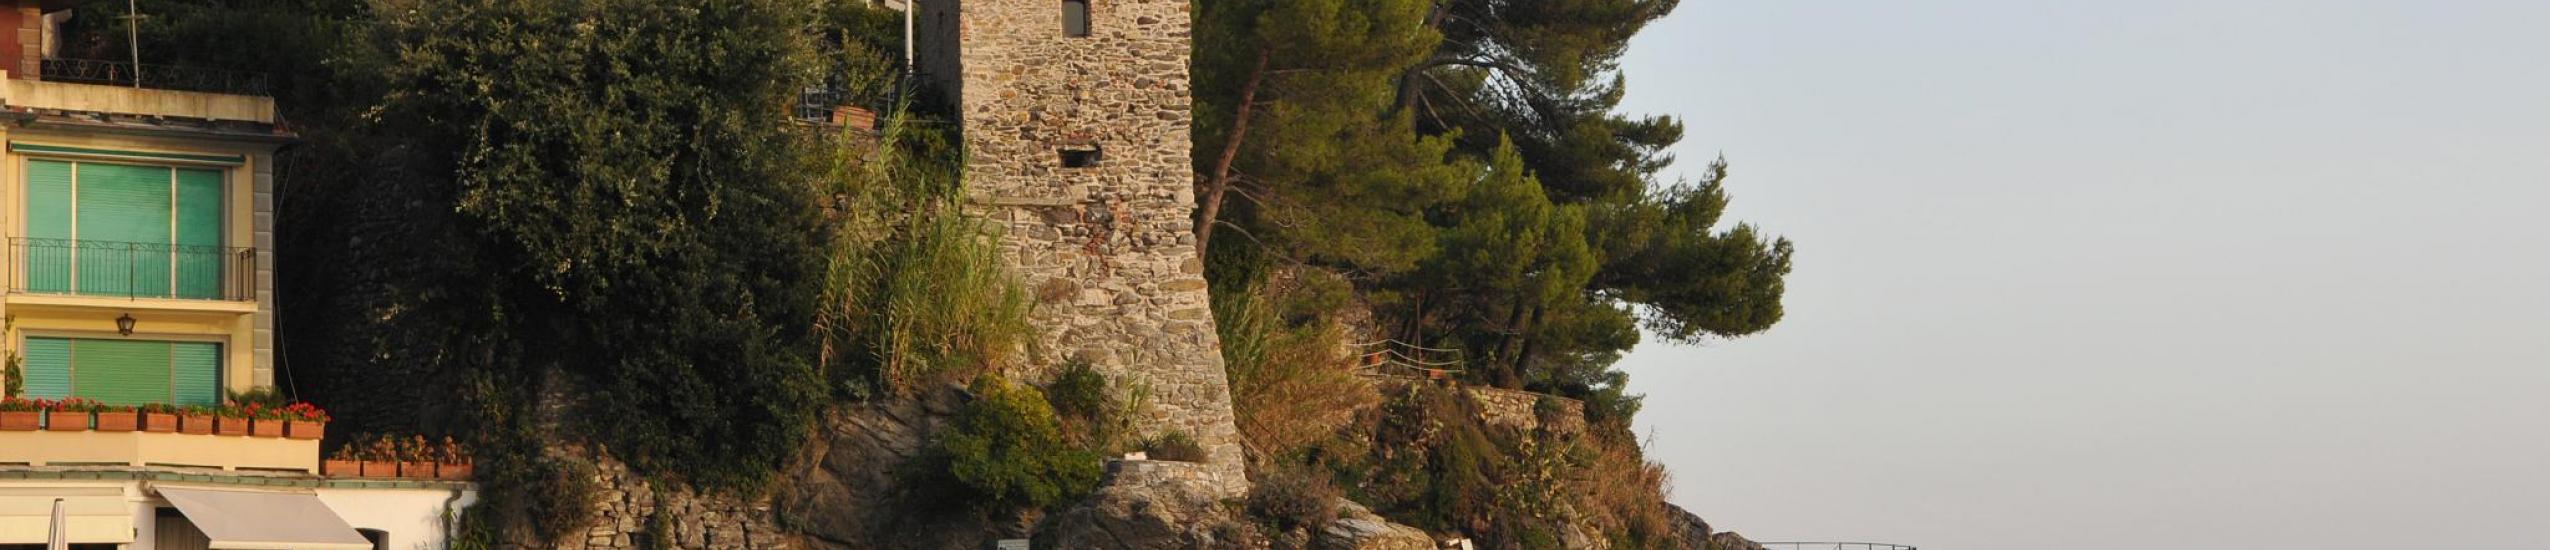 torre saracena di levante